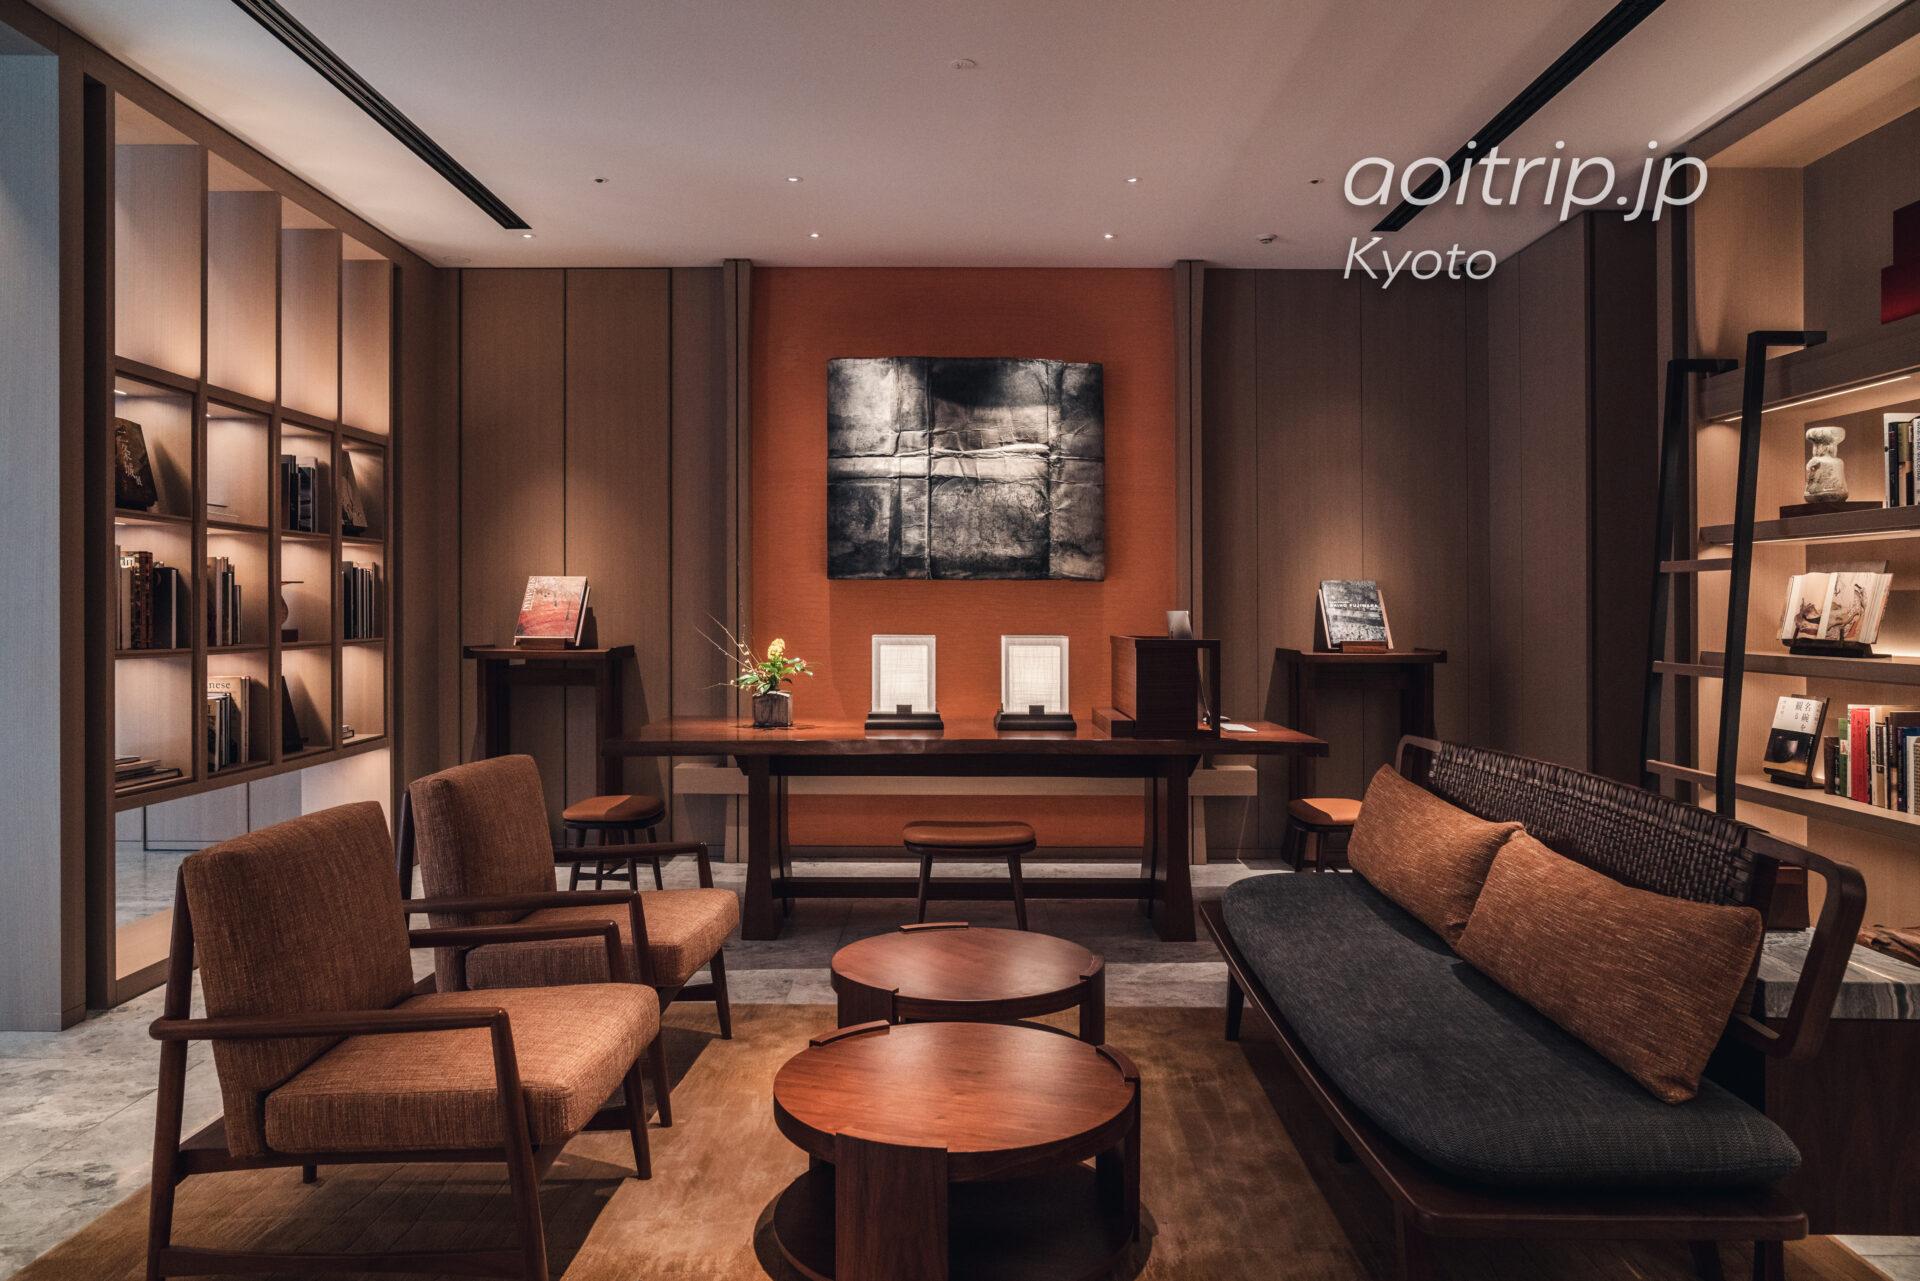 HOTEL THE MITSUI KYOTOのロビーラウンジ